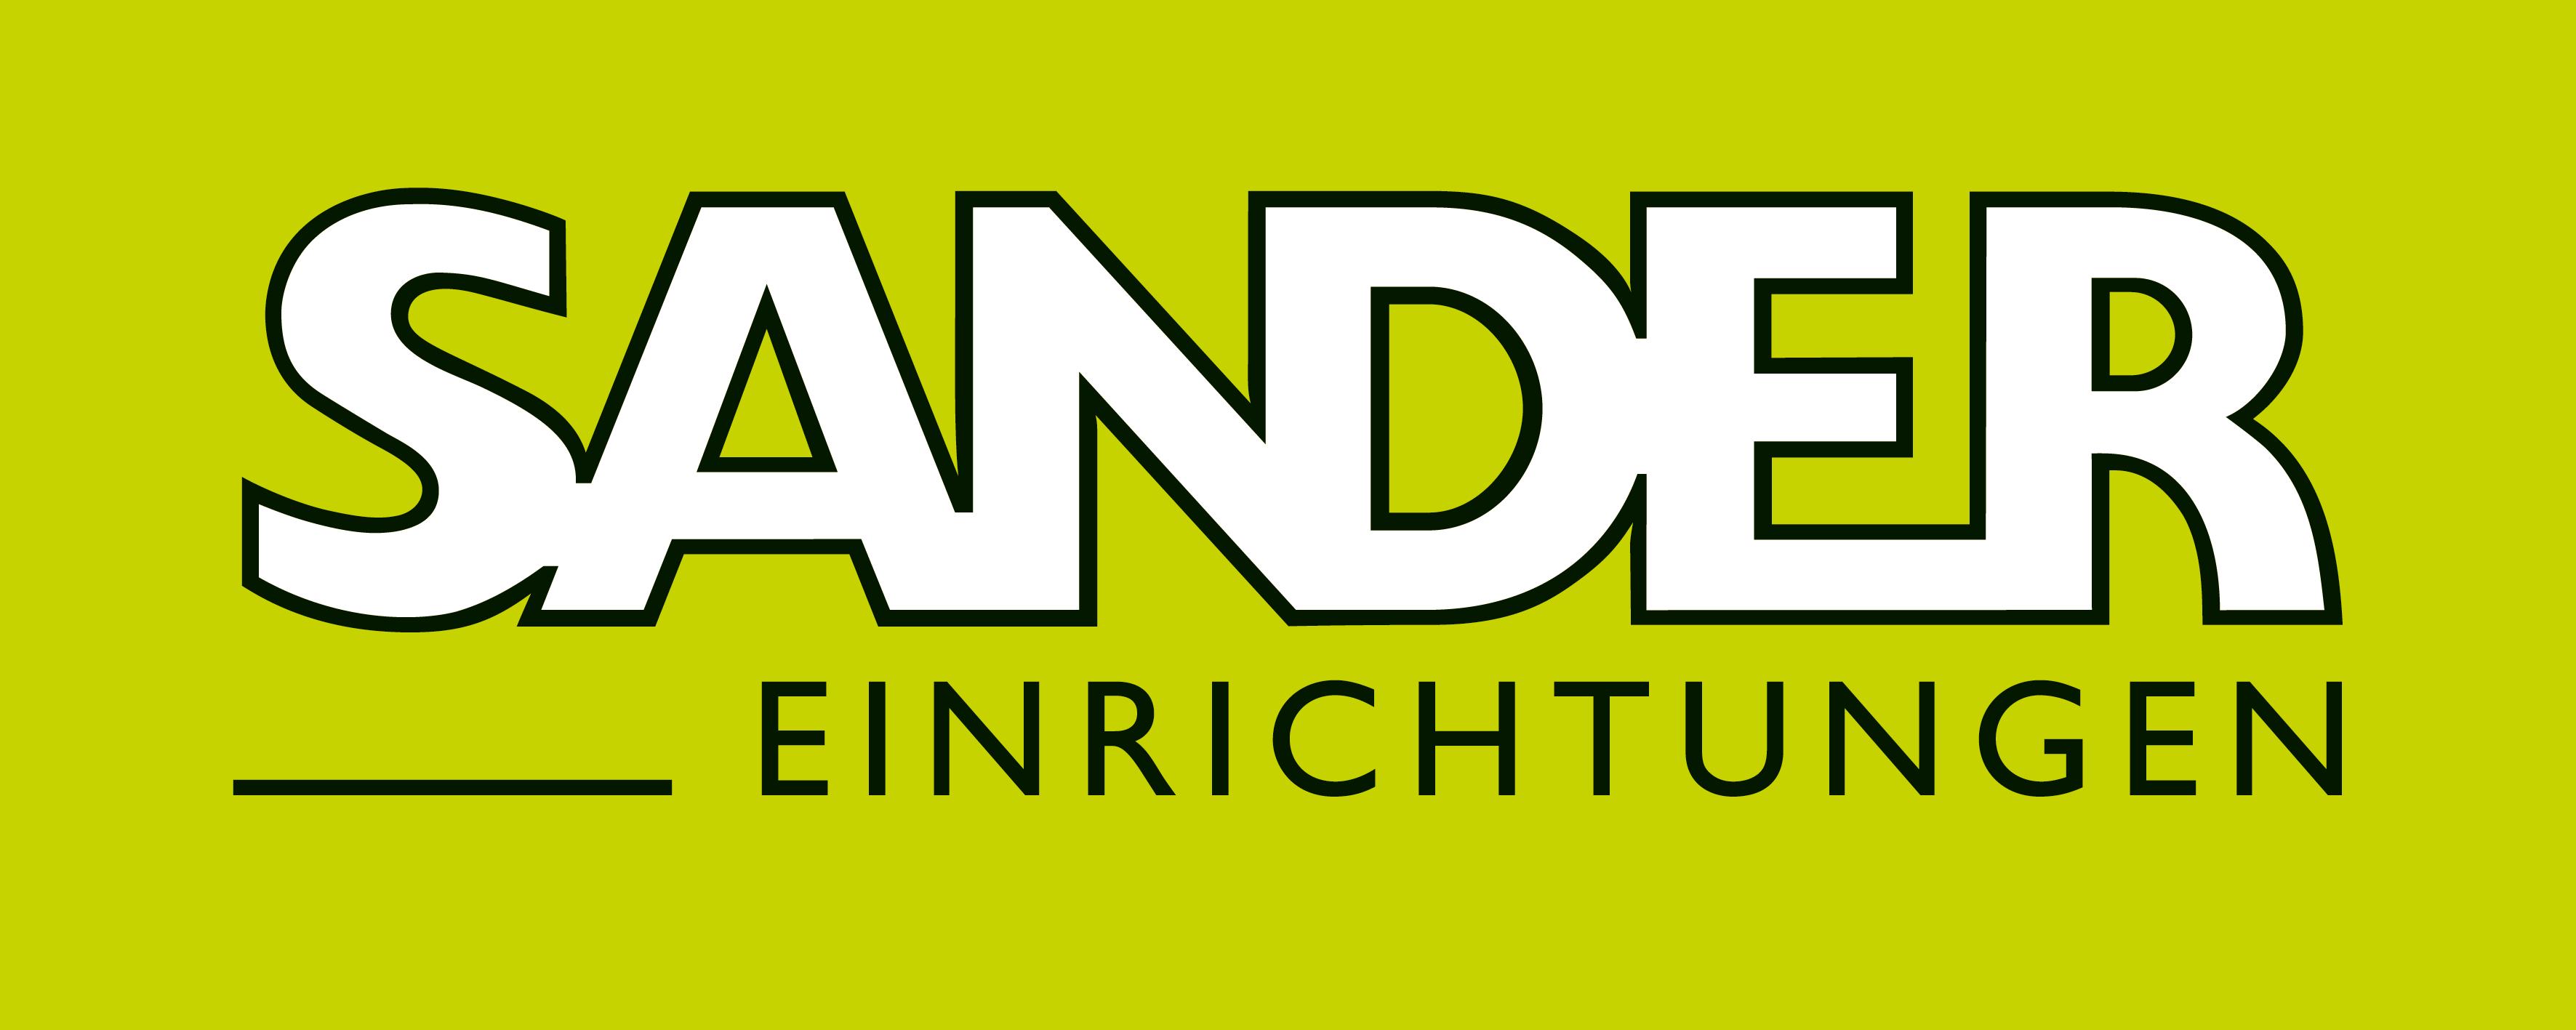 sander---einrichtungen-braunschweig logo